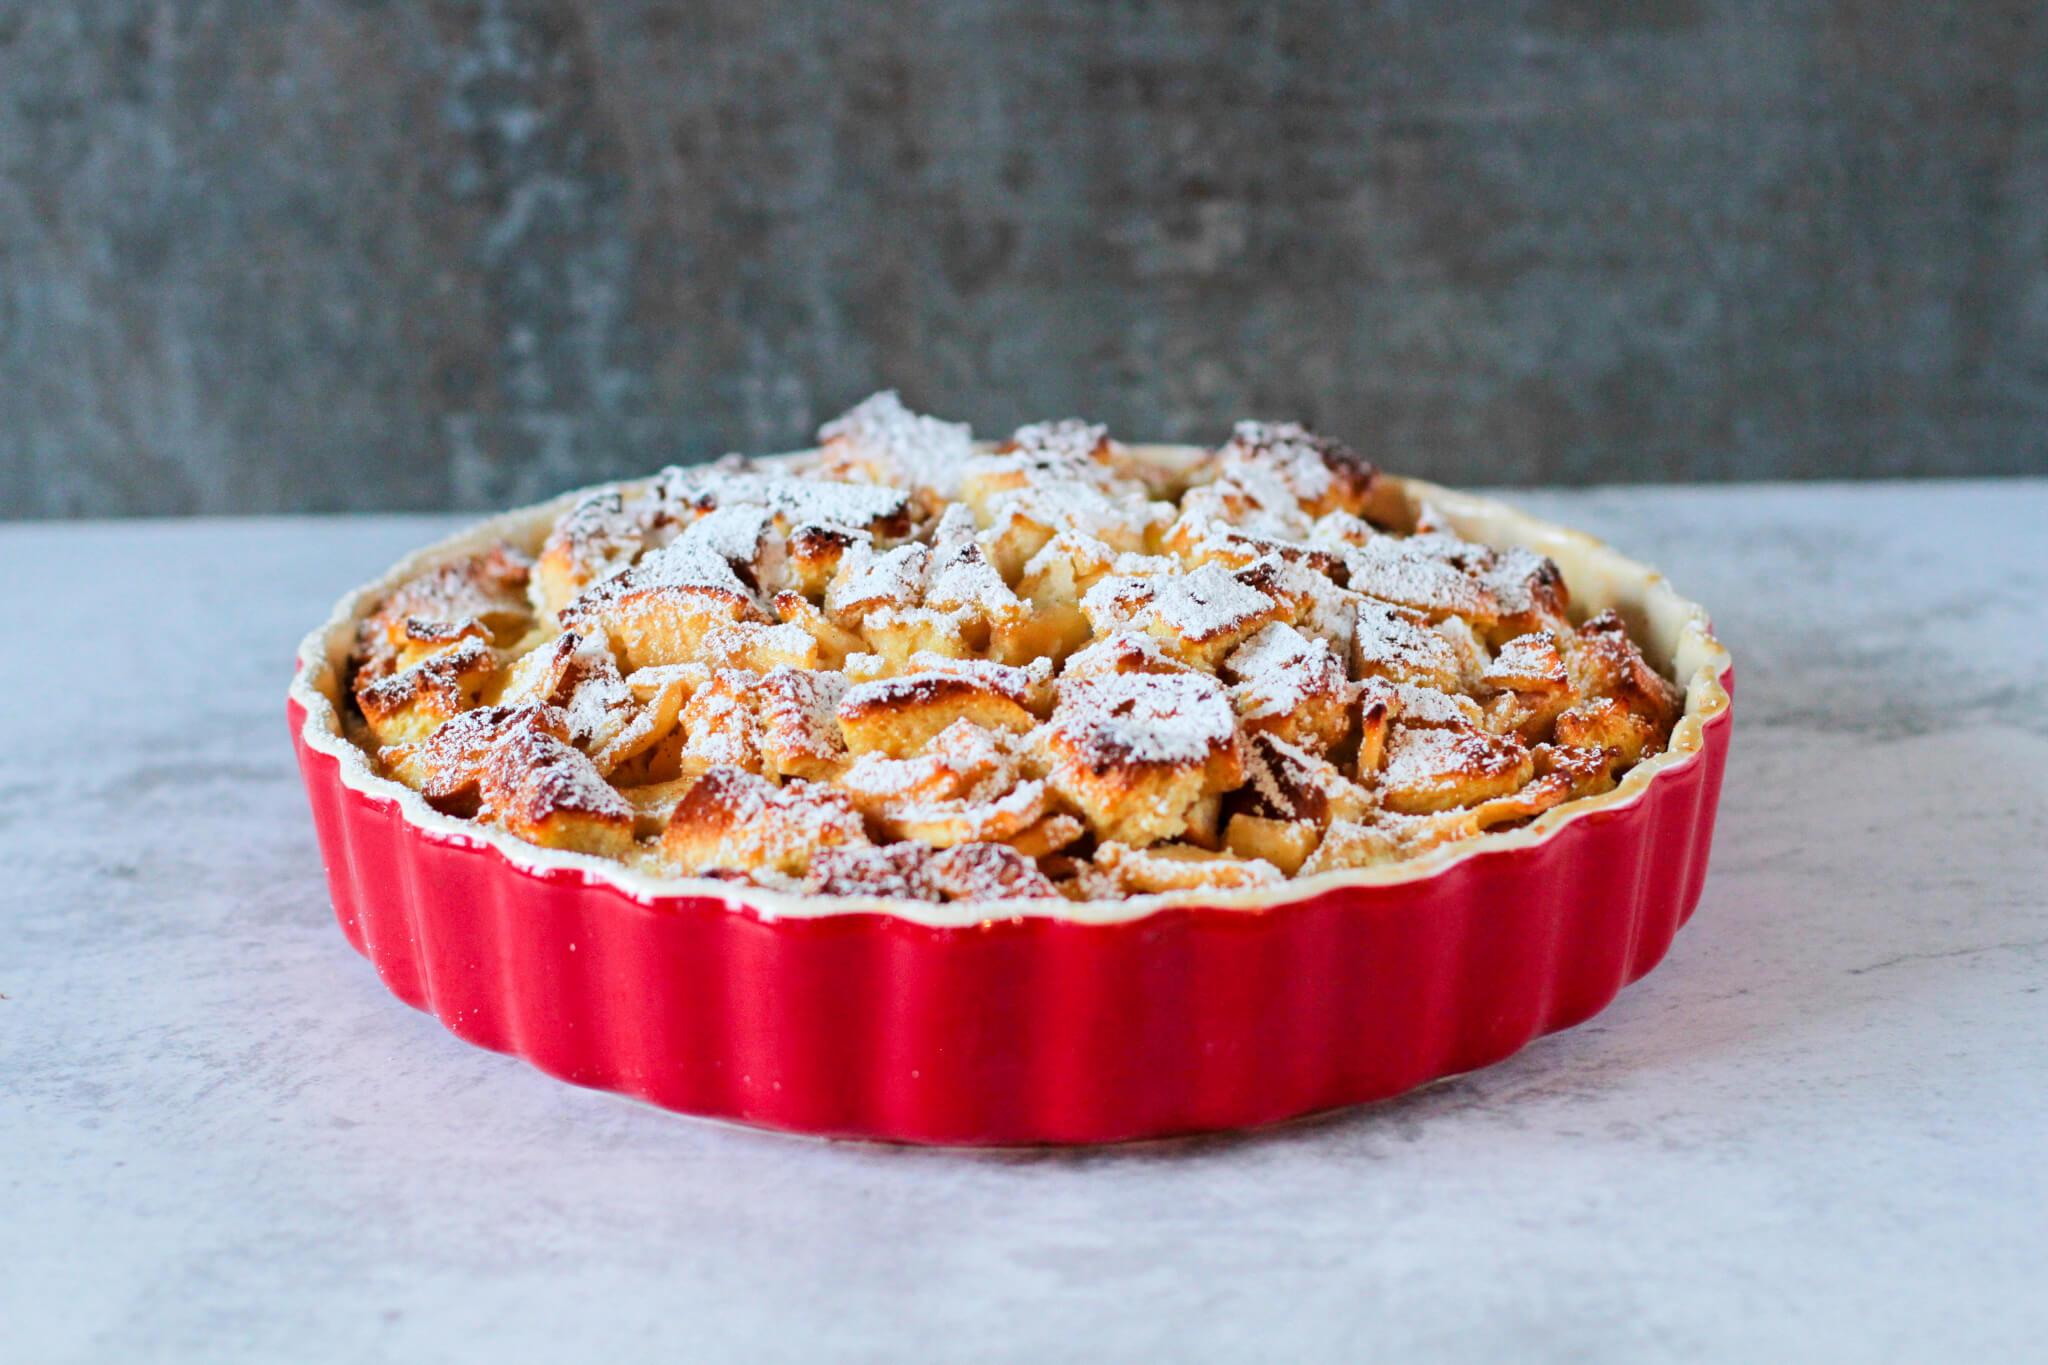 Scheiterhaufen | Bread Pudding